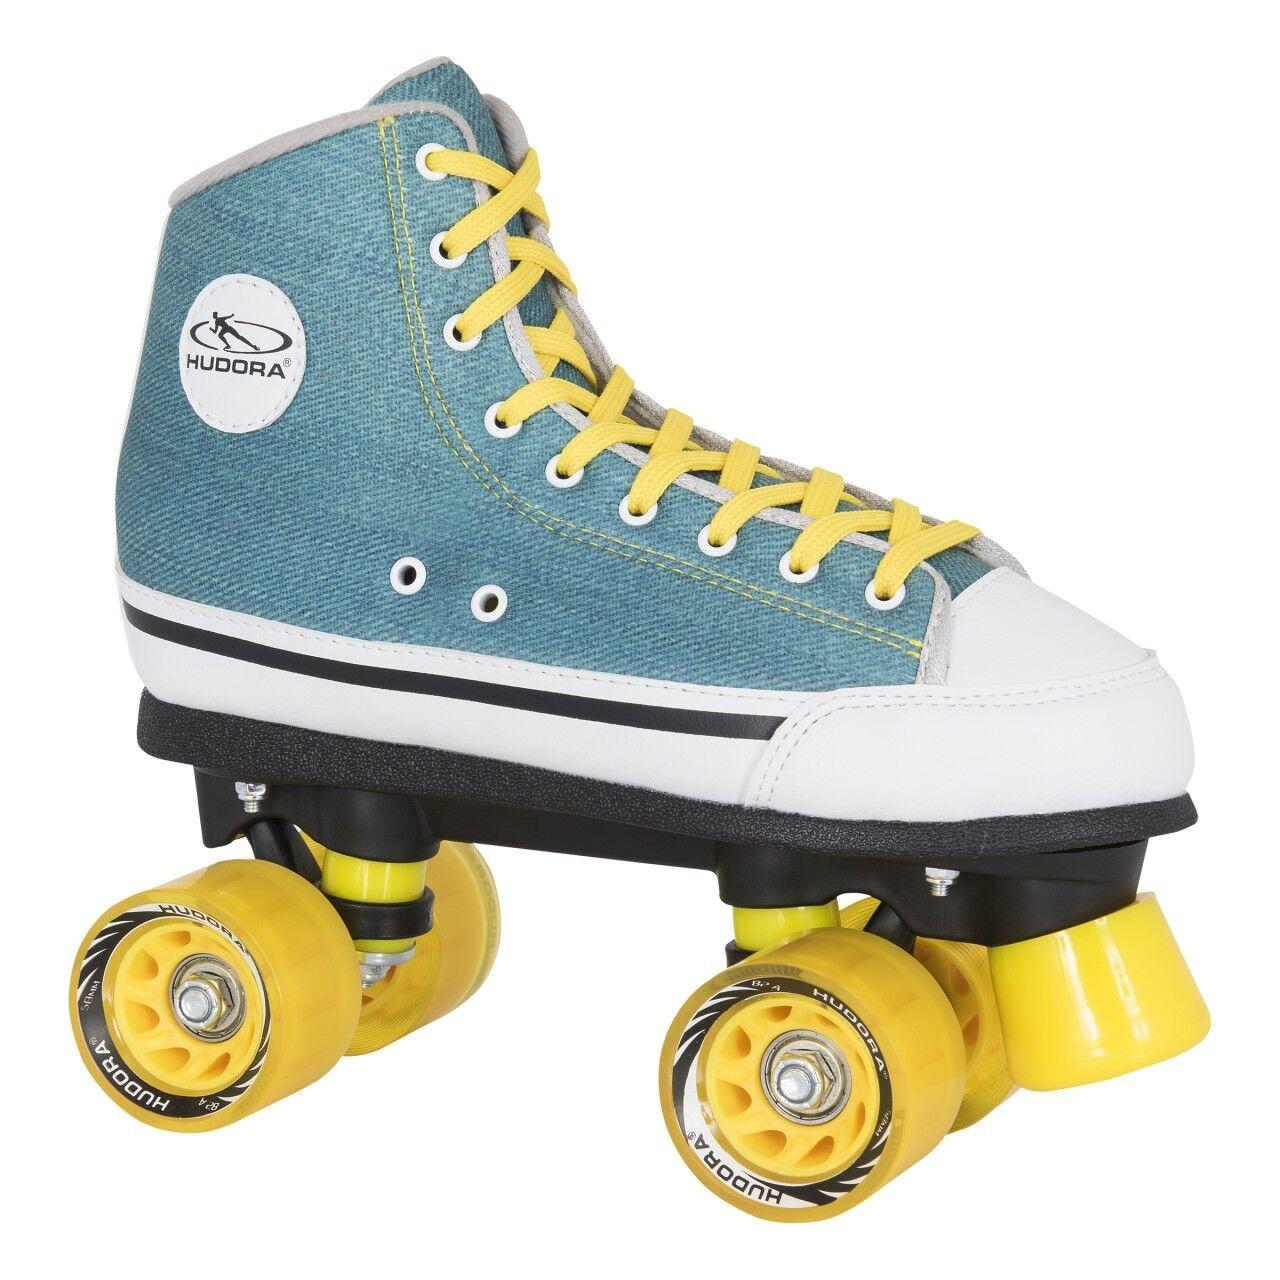 HUDORA Rollschuhe Roller Skates Grün Denim Gr. 42